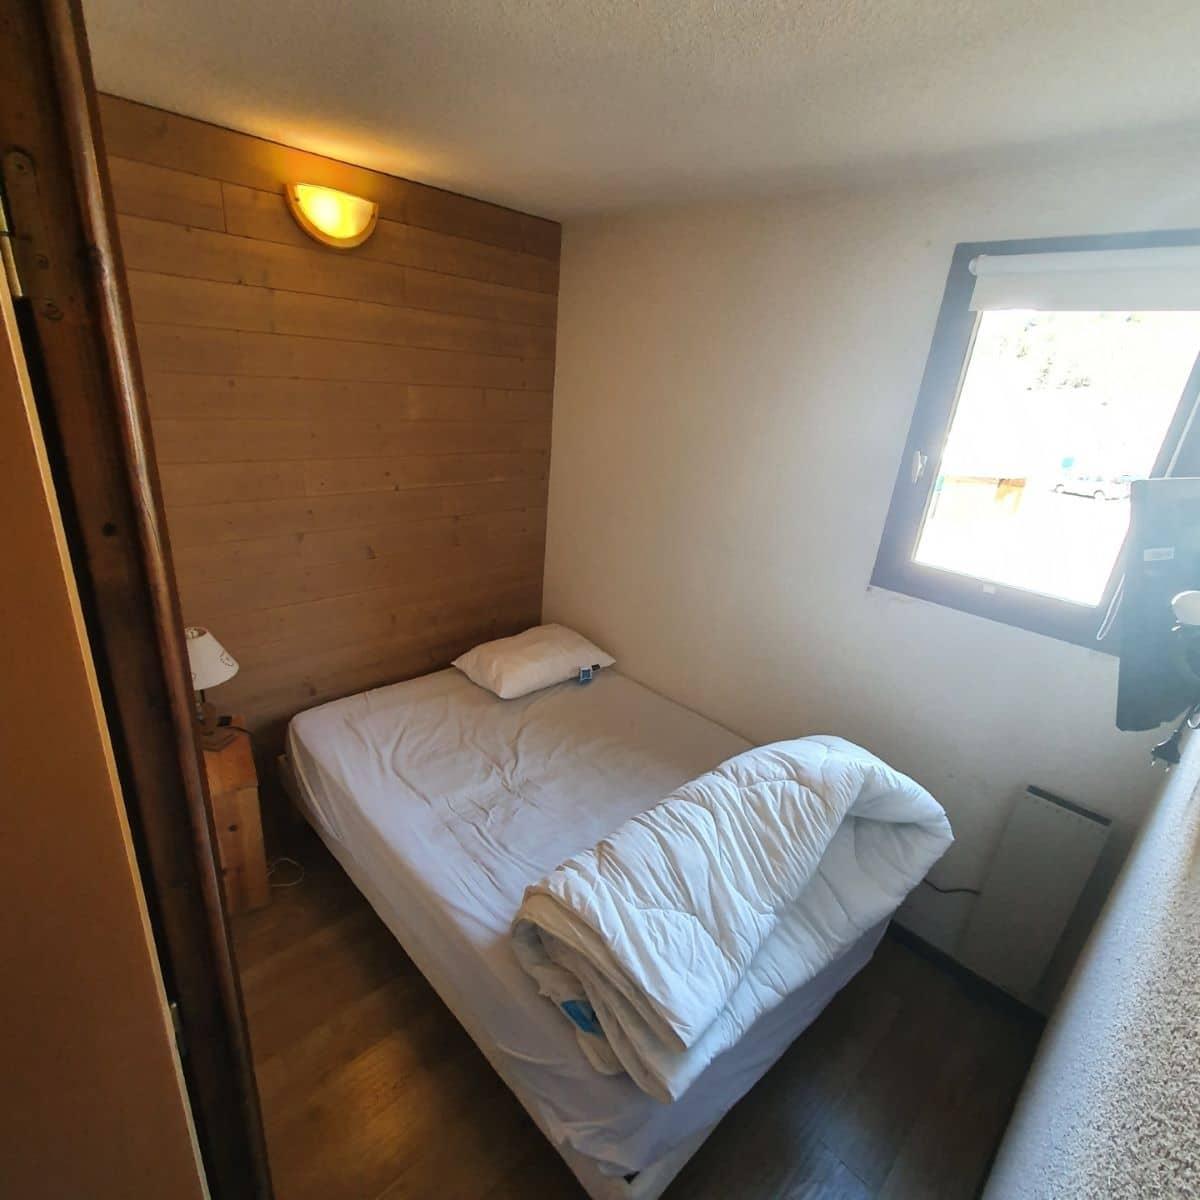 resized 20210324 134820 - ANCELLE T2 DE 34 m² (6 COUCHAGES) A PROXIMITE DES PISTES DE SKI